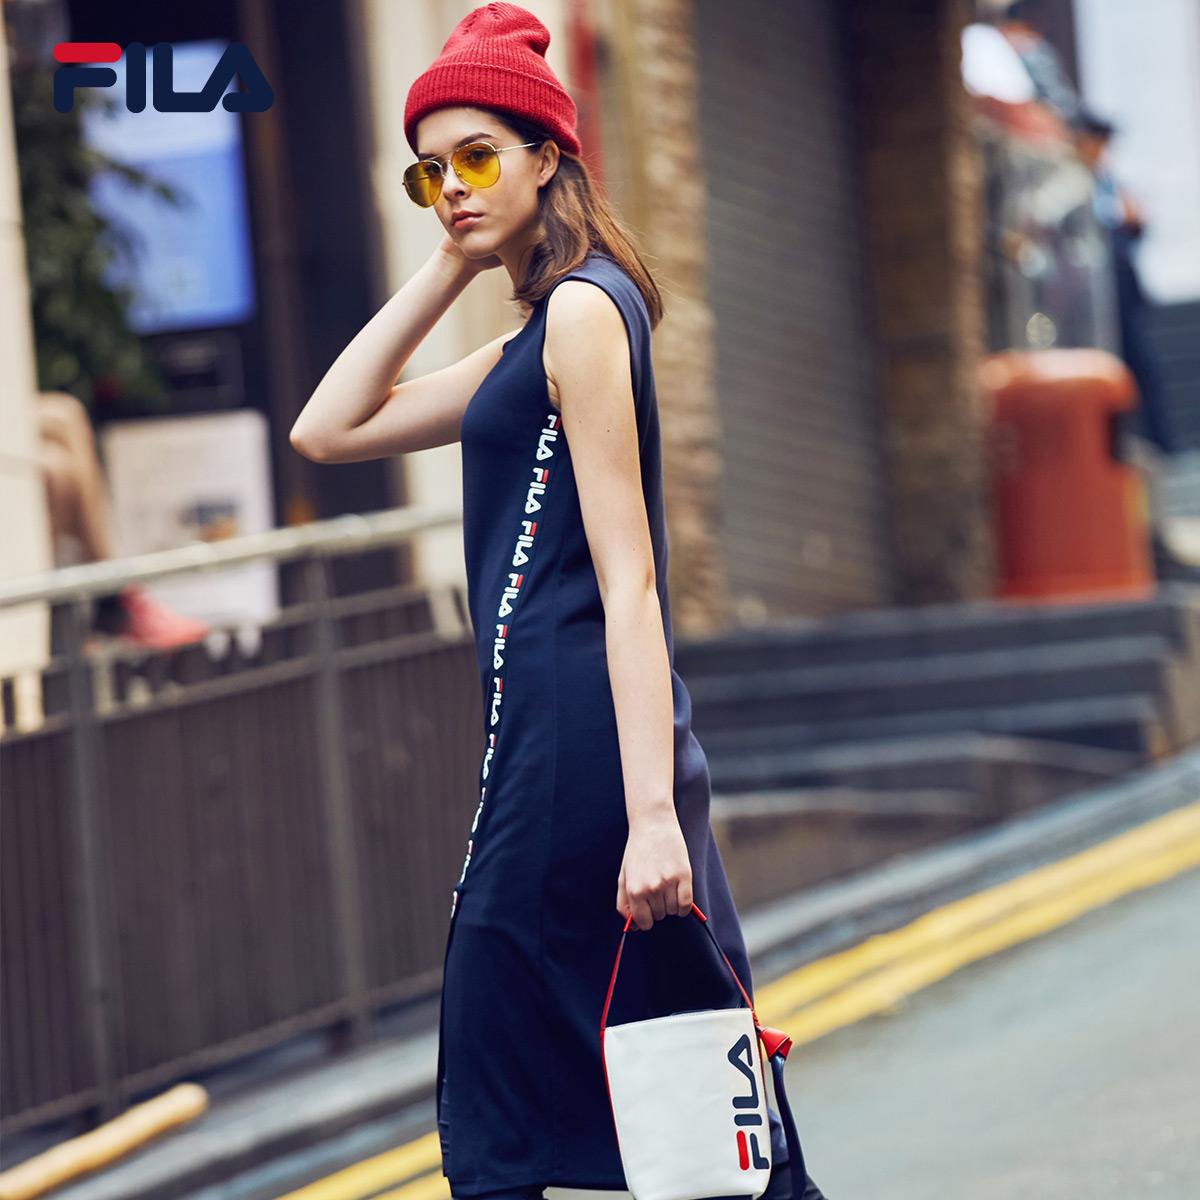 Женское спортивное платье FILA Fila 2018 Summer новая коллекция уютный популярный для отдыха фасон средней длины стиль юбка